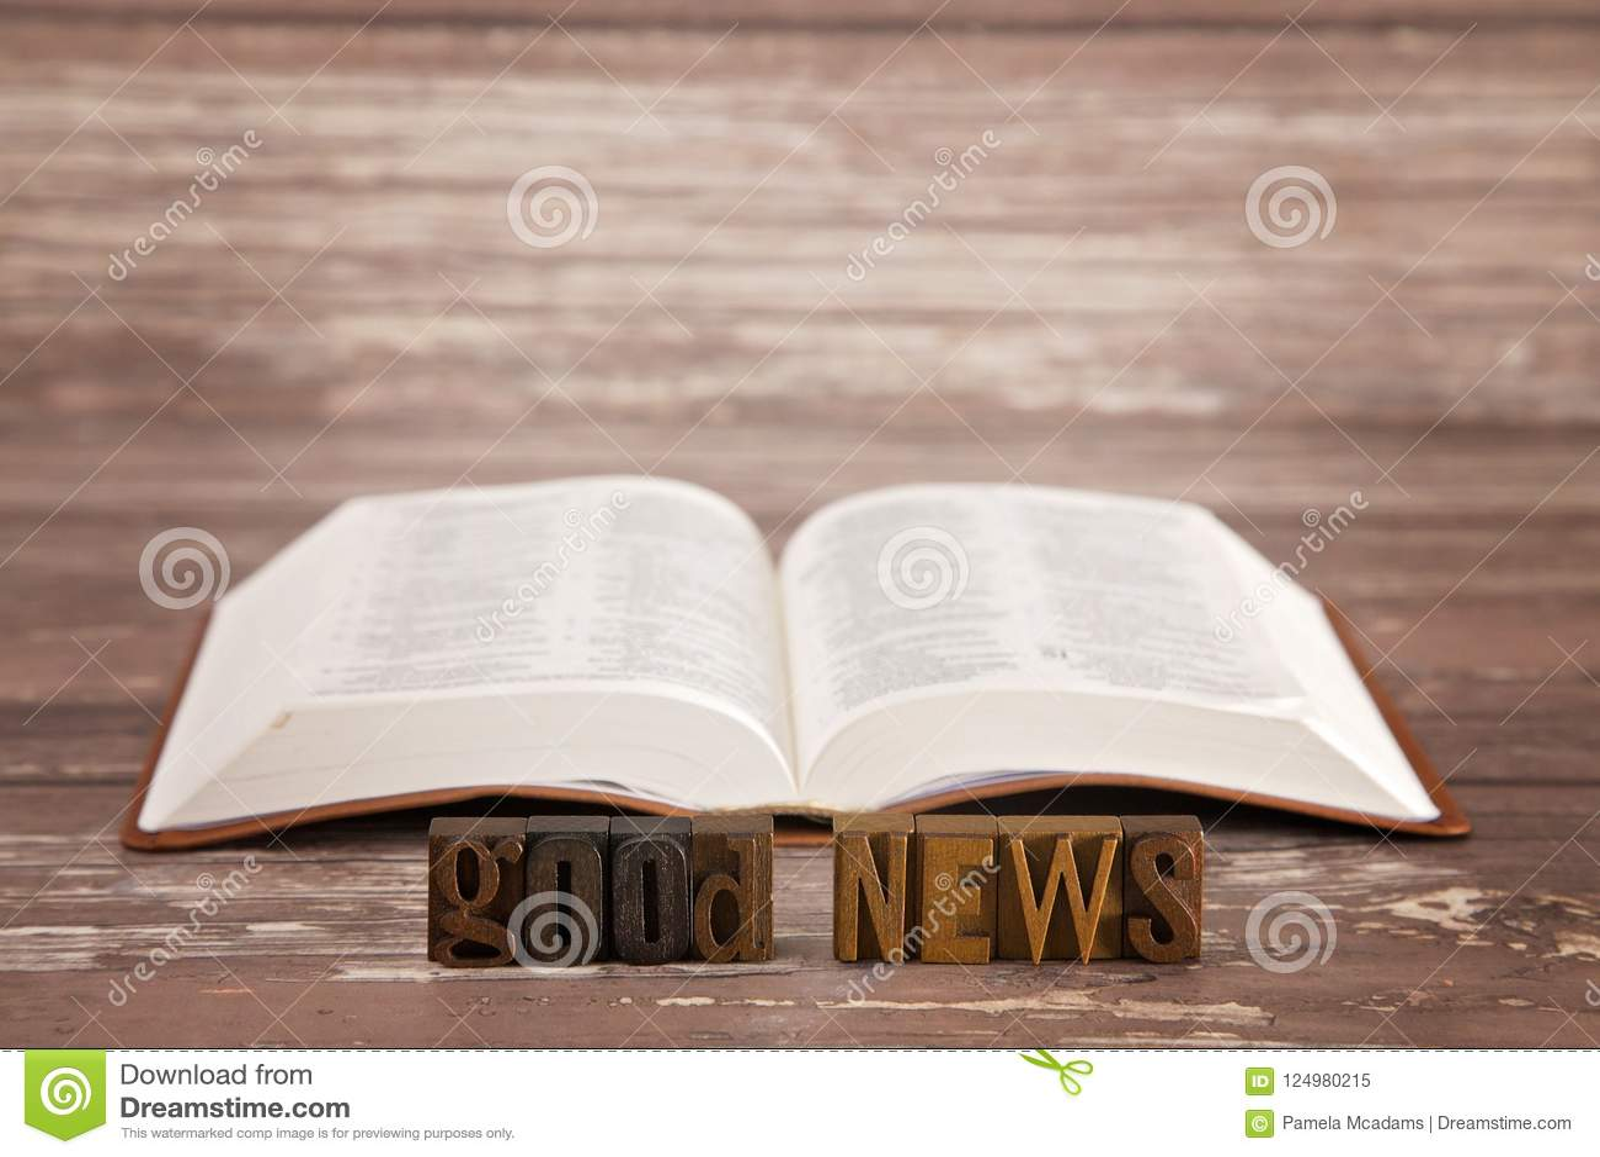 Entre em todo o mundo e pregar a boa notícia a toda a criação